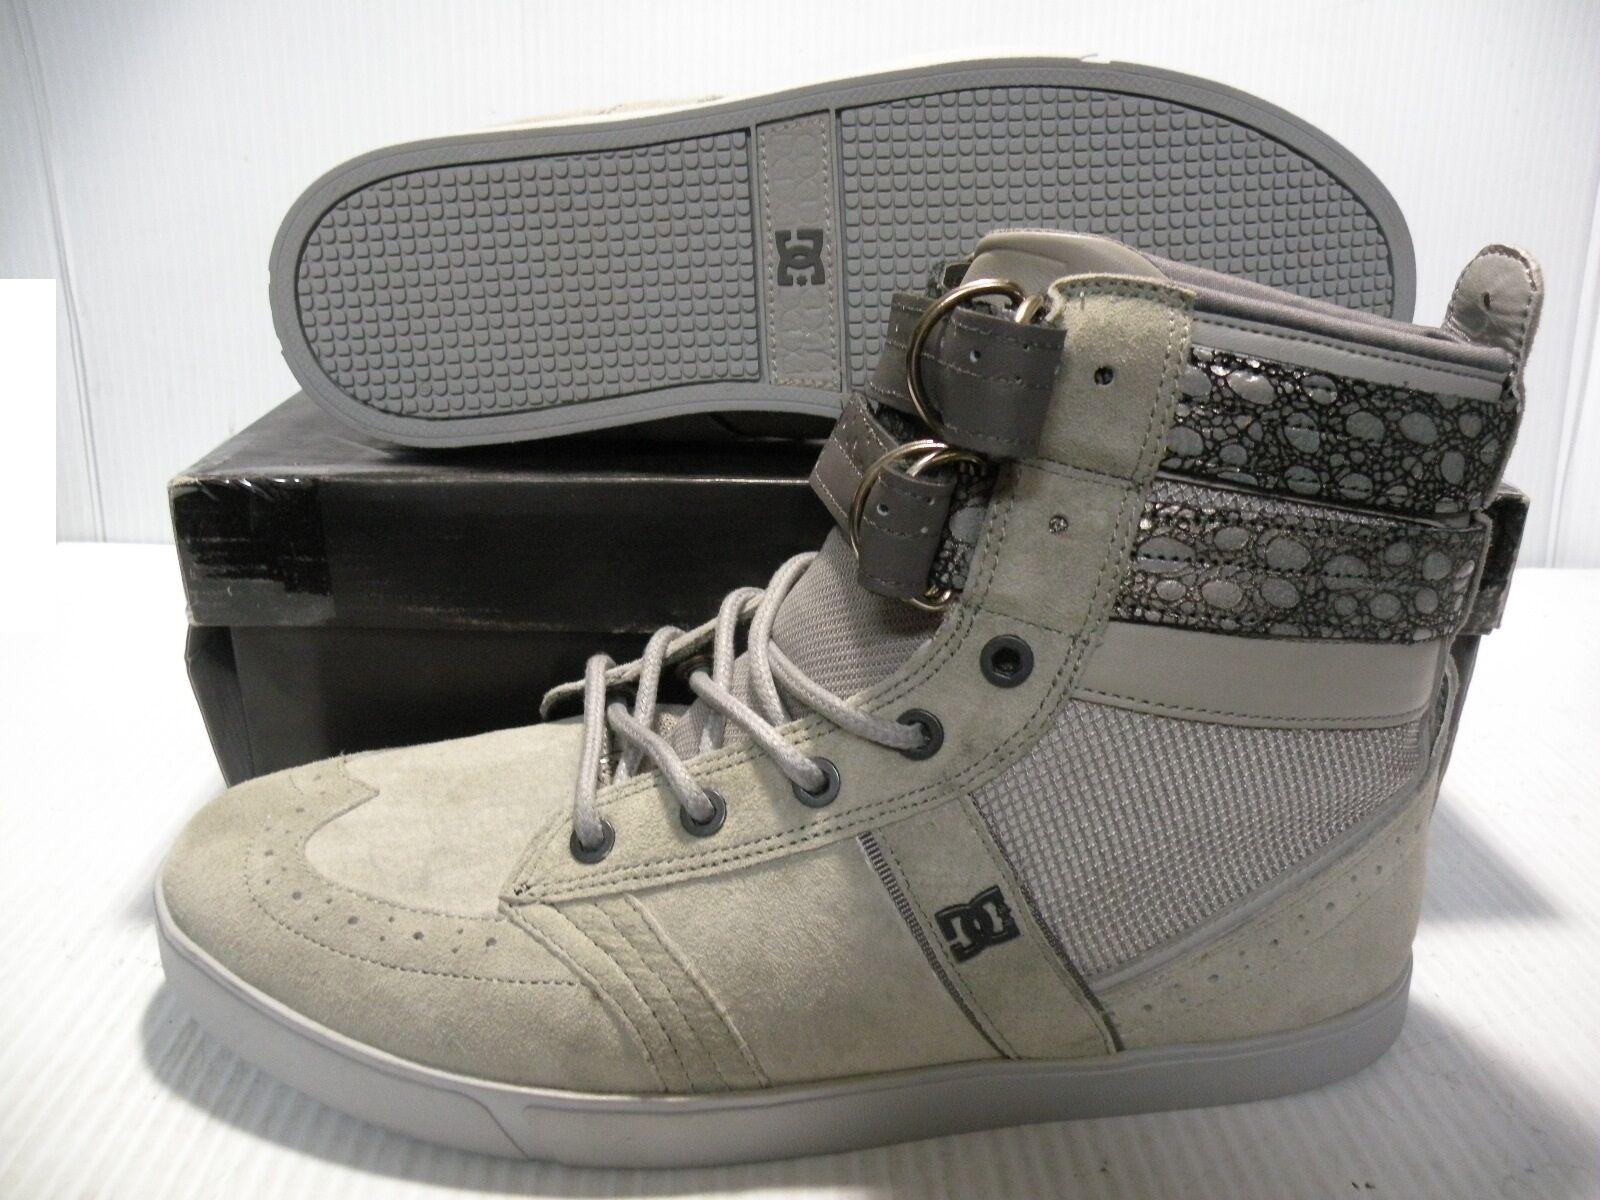 DC ADMIRAL blancoo Hi Zapatillas Hombres Zapatos de cemento Colección LIFE  02504 Nuevo